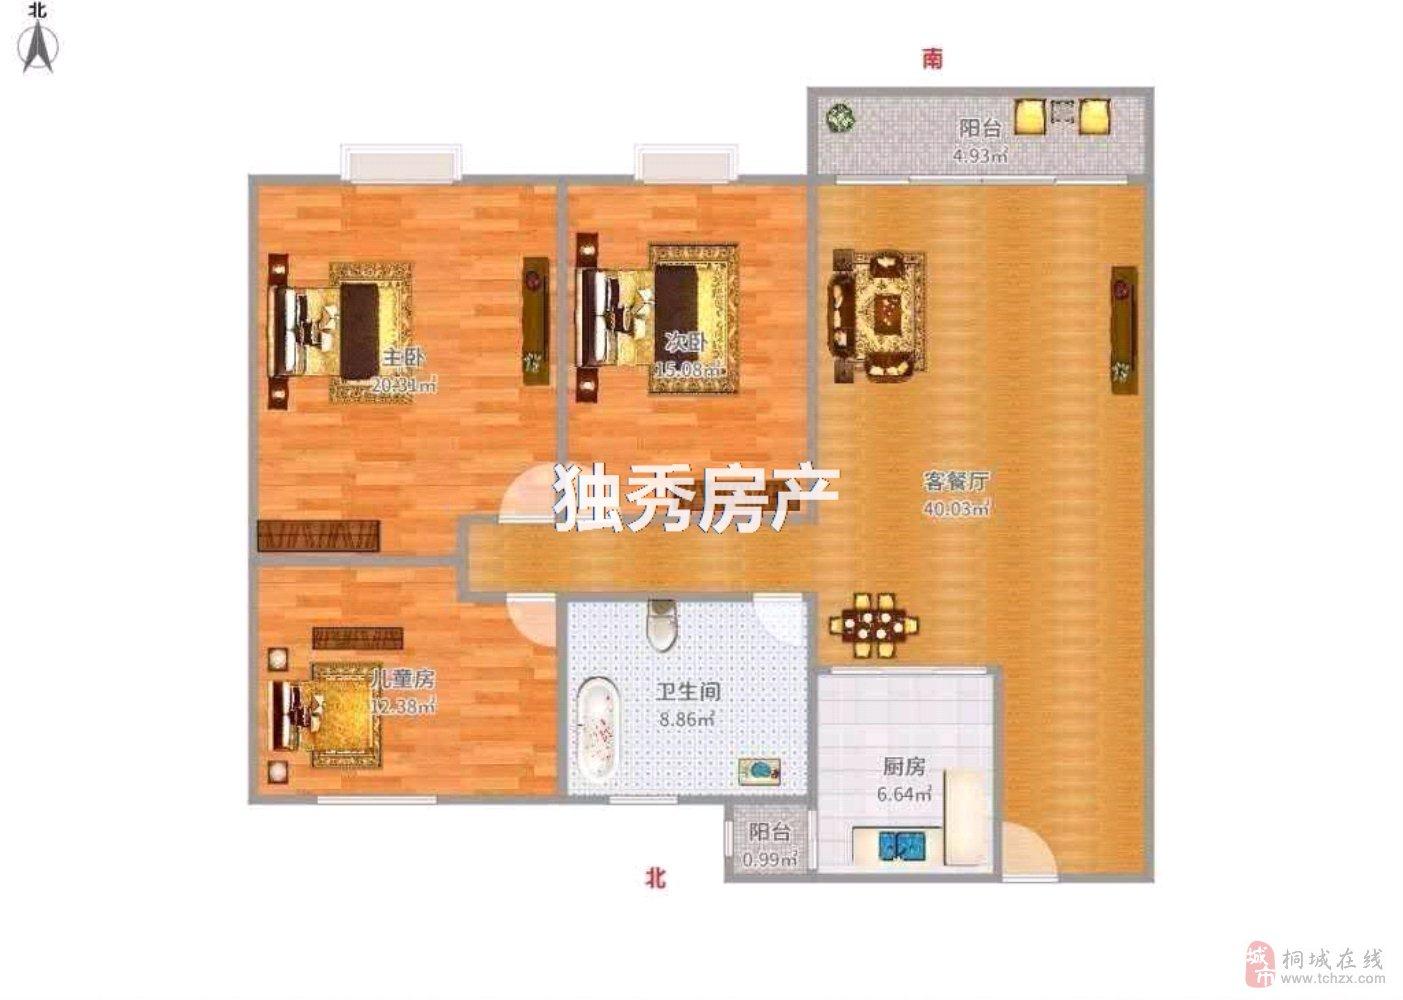 桐城碧桂园现房3室2厅1卫110平71万元